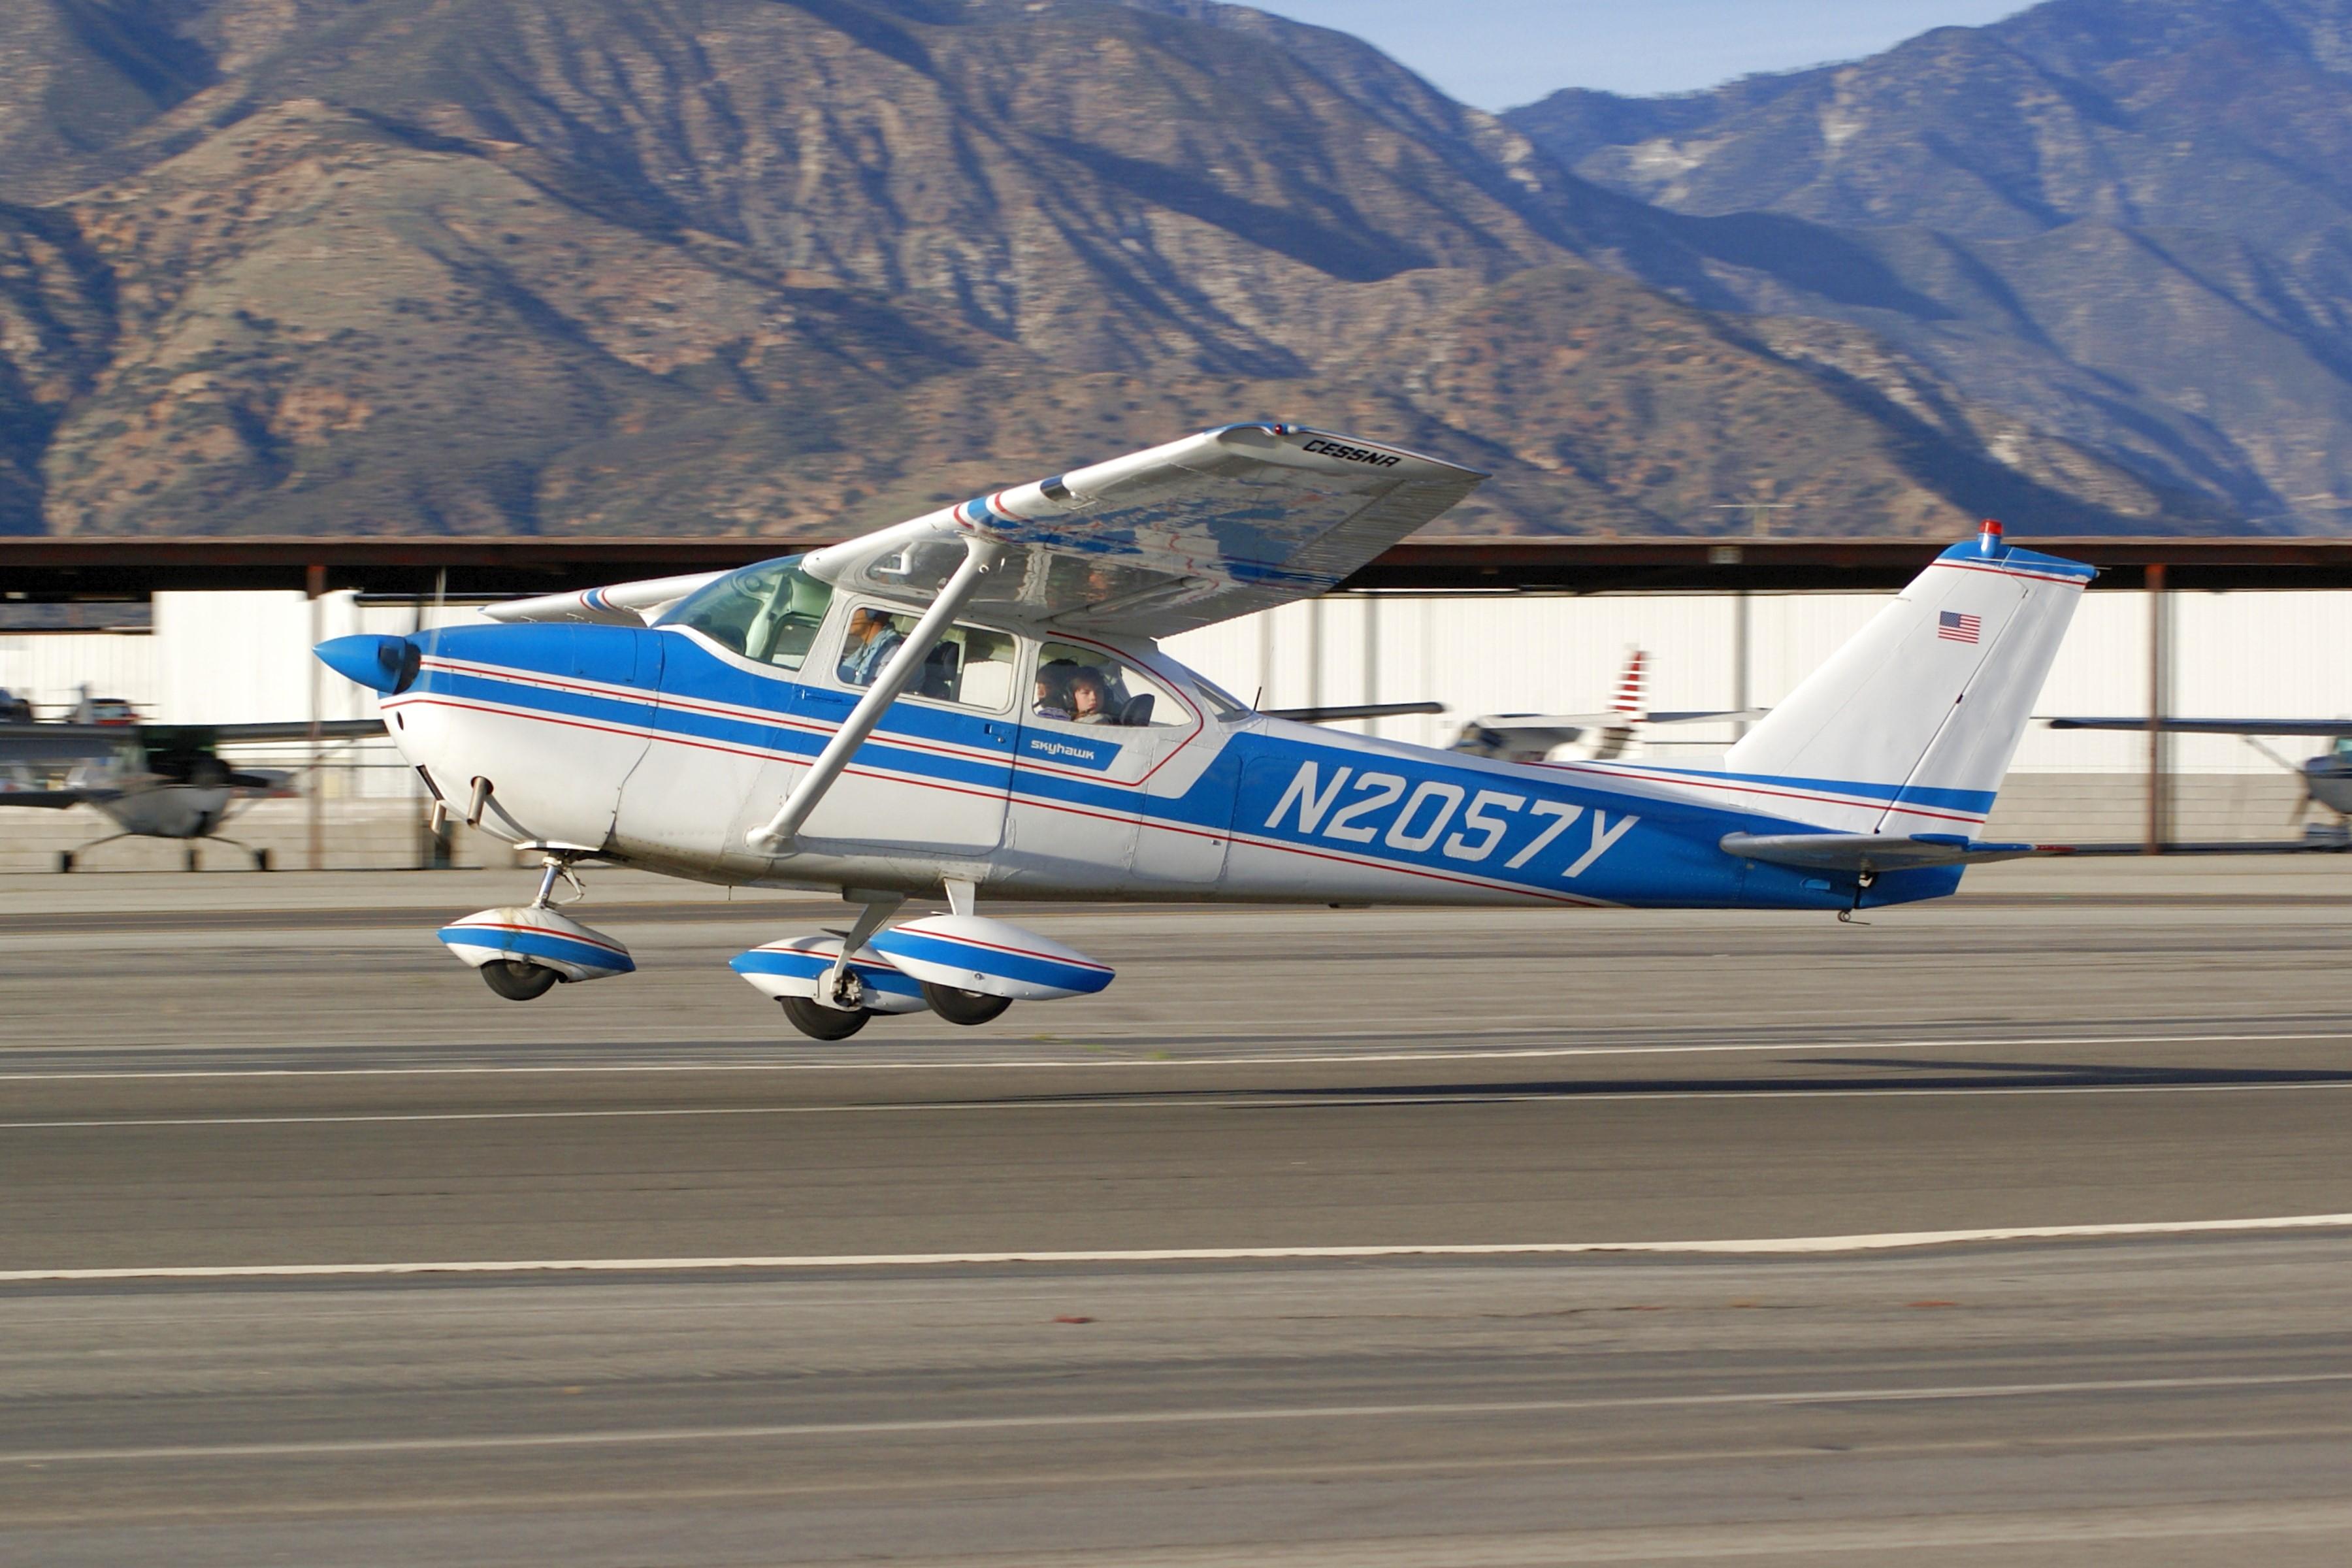 Cessna 172D Skyhawk, Single-engine High-wing Cabin Passenger